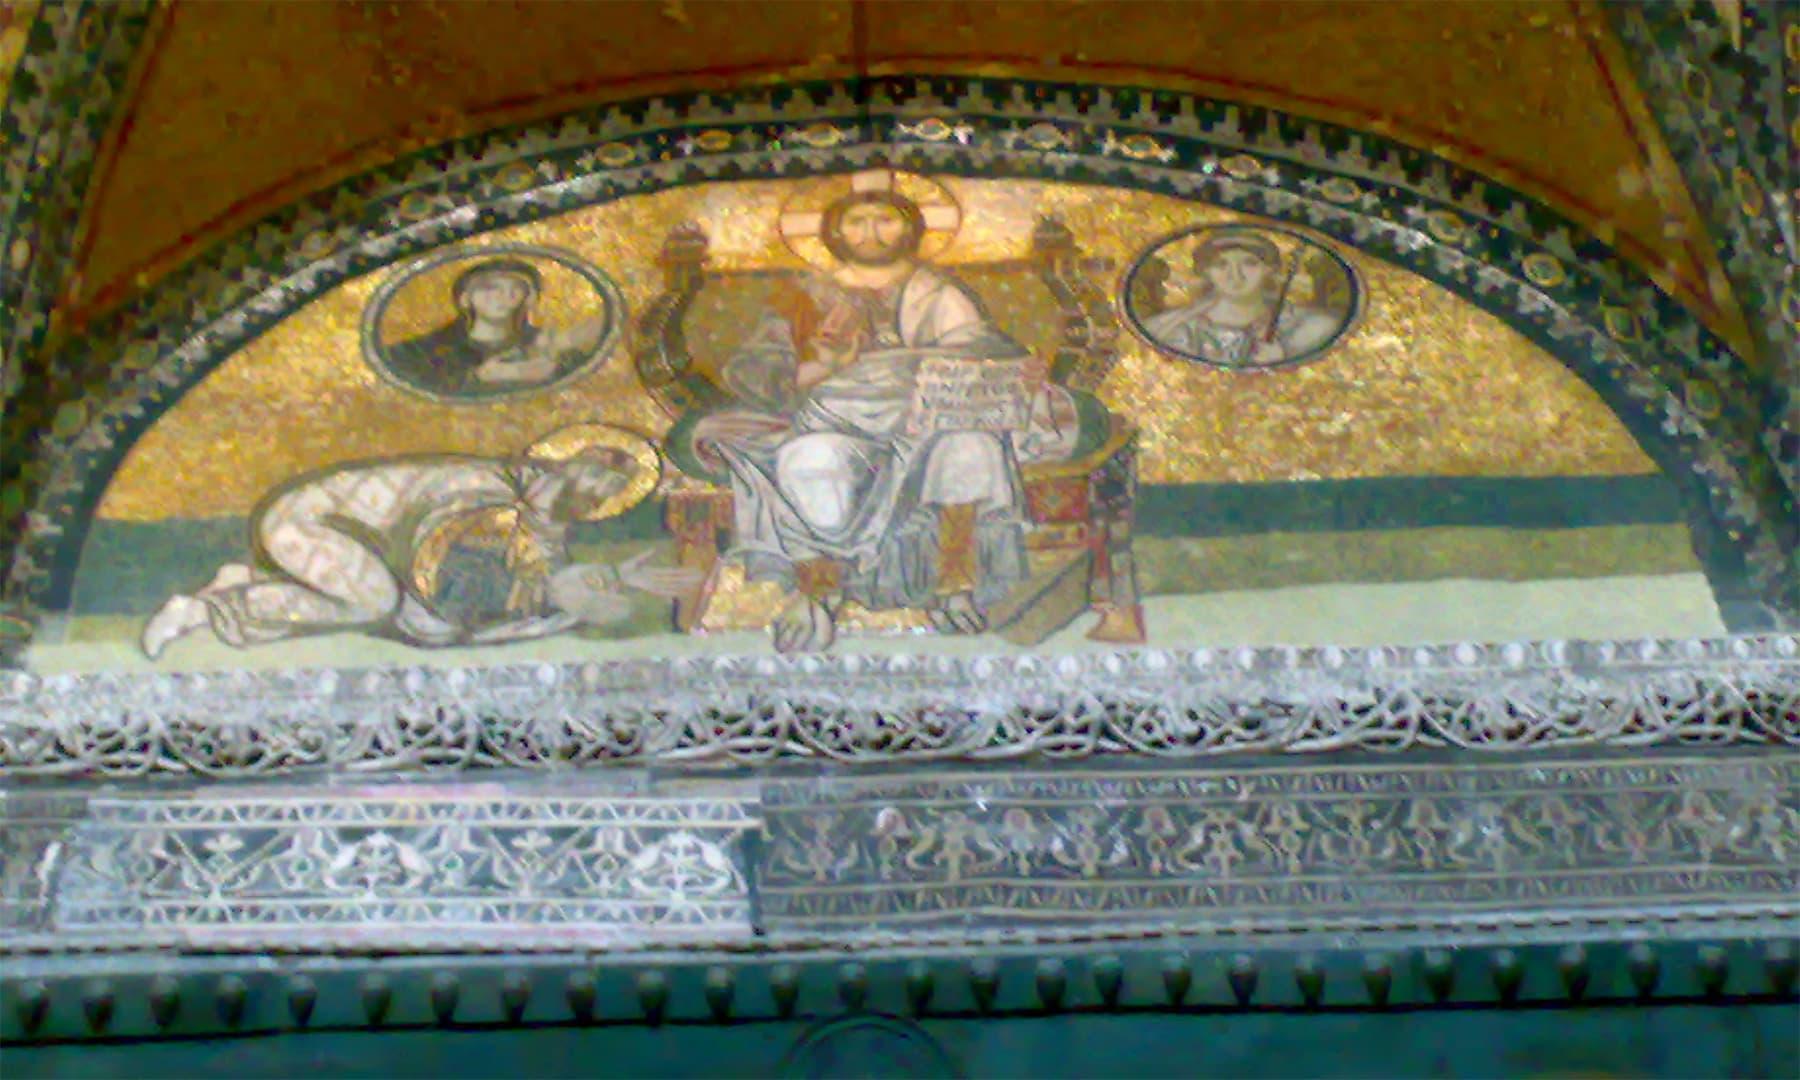 آیا صوفیہ کی دیواروں پر کئی جگہ مسیحی تصاویر نظر آتی ہیں